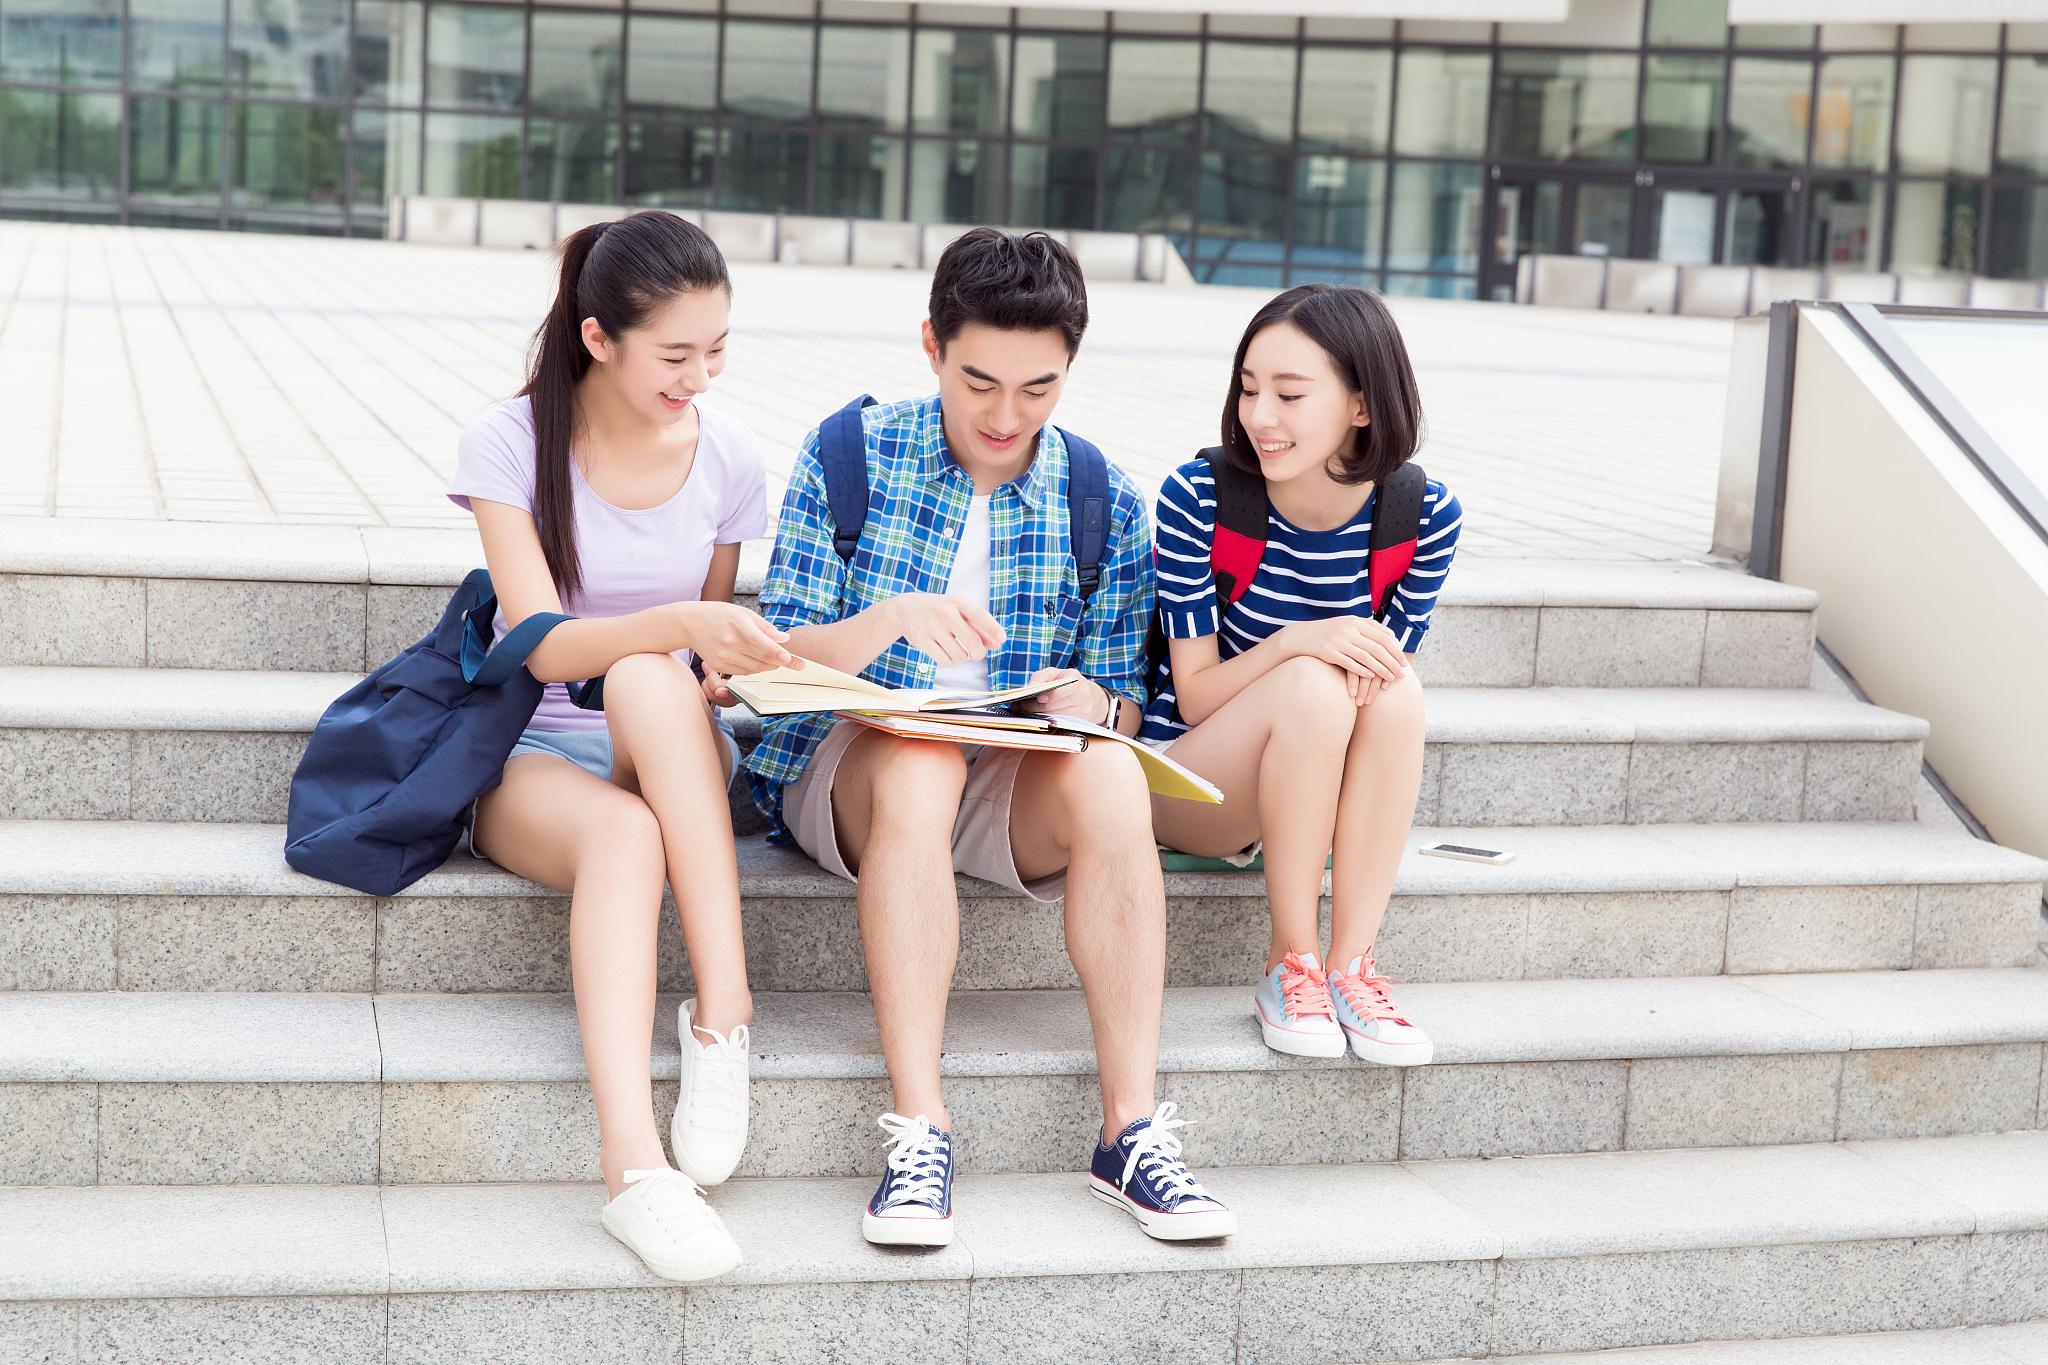 高中家长陪伴成长必须解决的三大难题